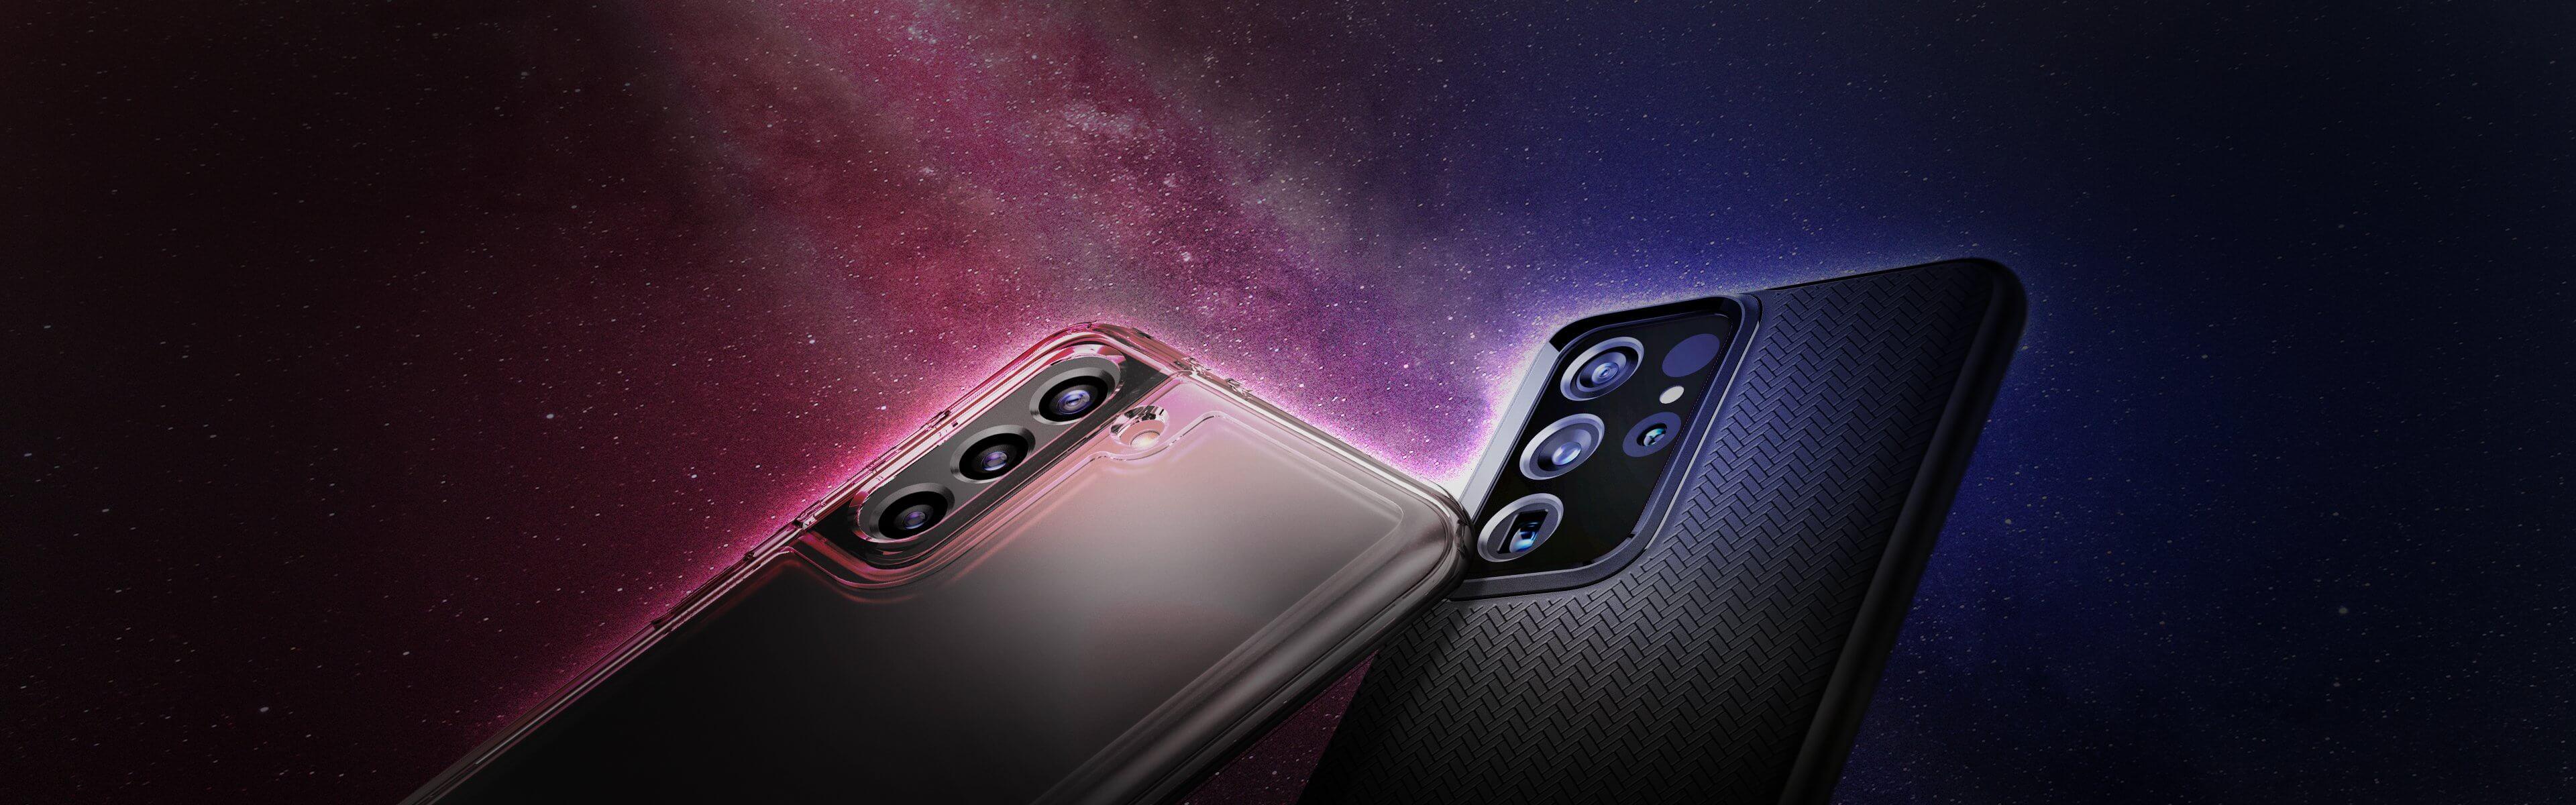 Spaceboy Spigen Promo Banner Samsung Galaxy S21